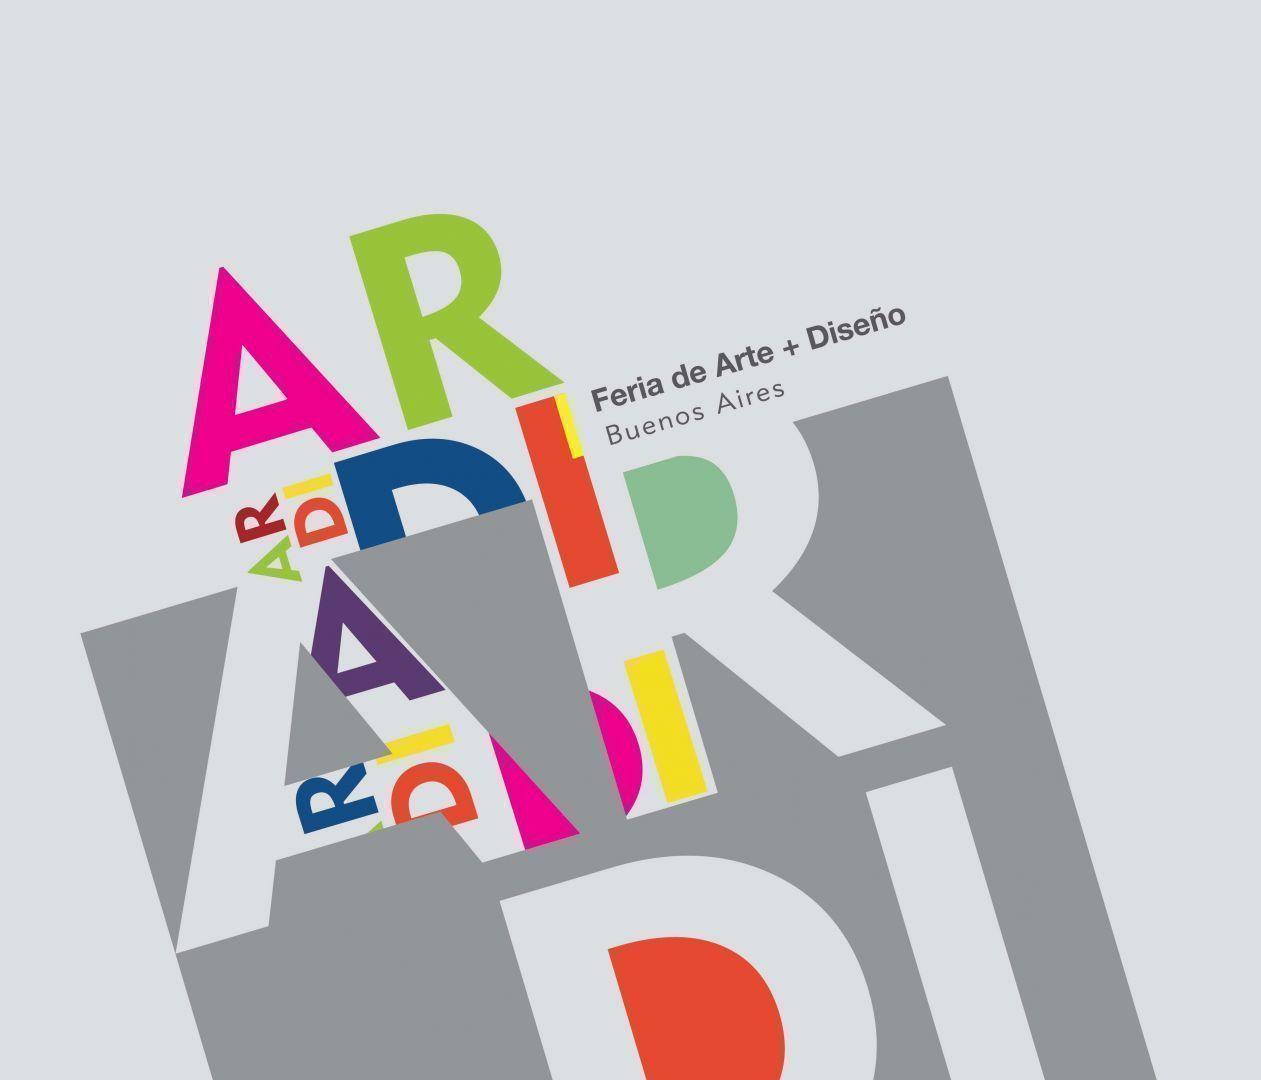 Ardi 2014 feria de arte y dise o arqa Arte arquitectura y diseno definicion